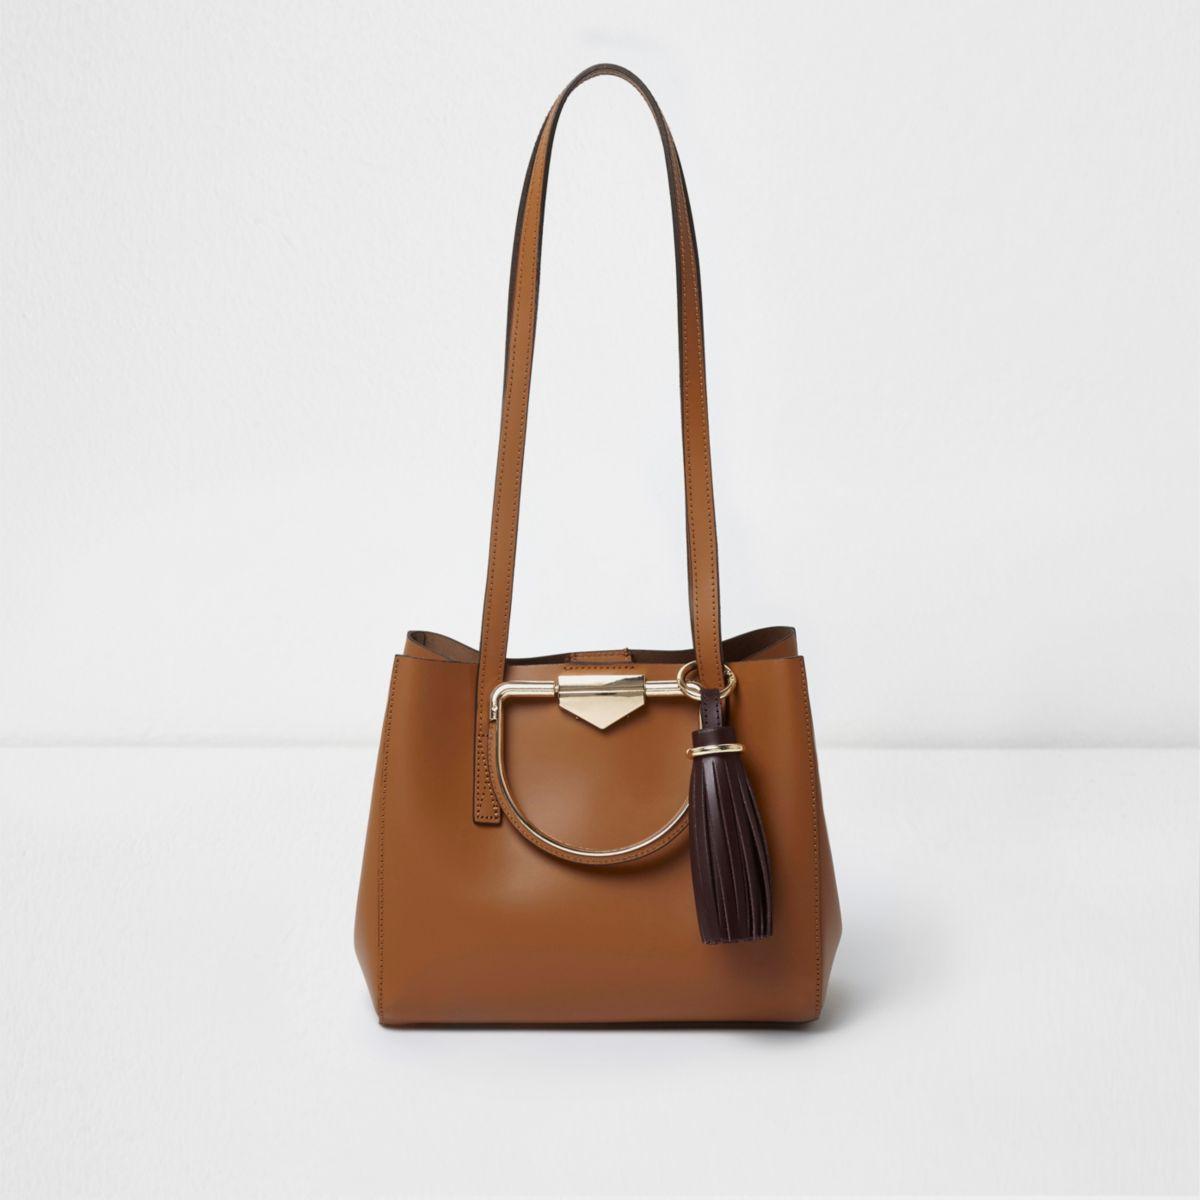 Tan leather metal handle tassel mini tote bag